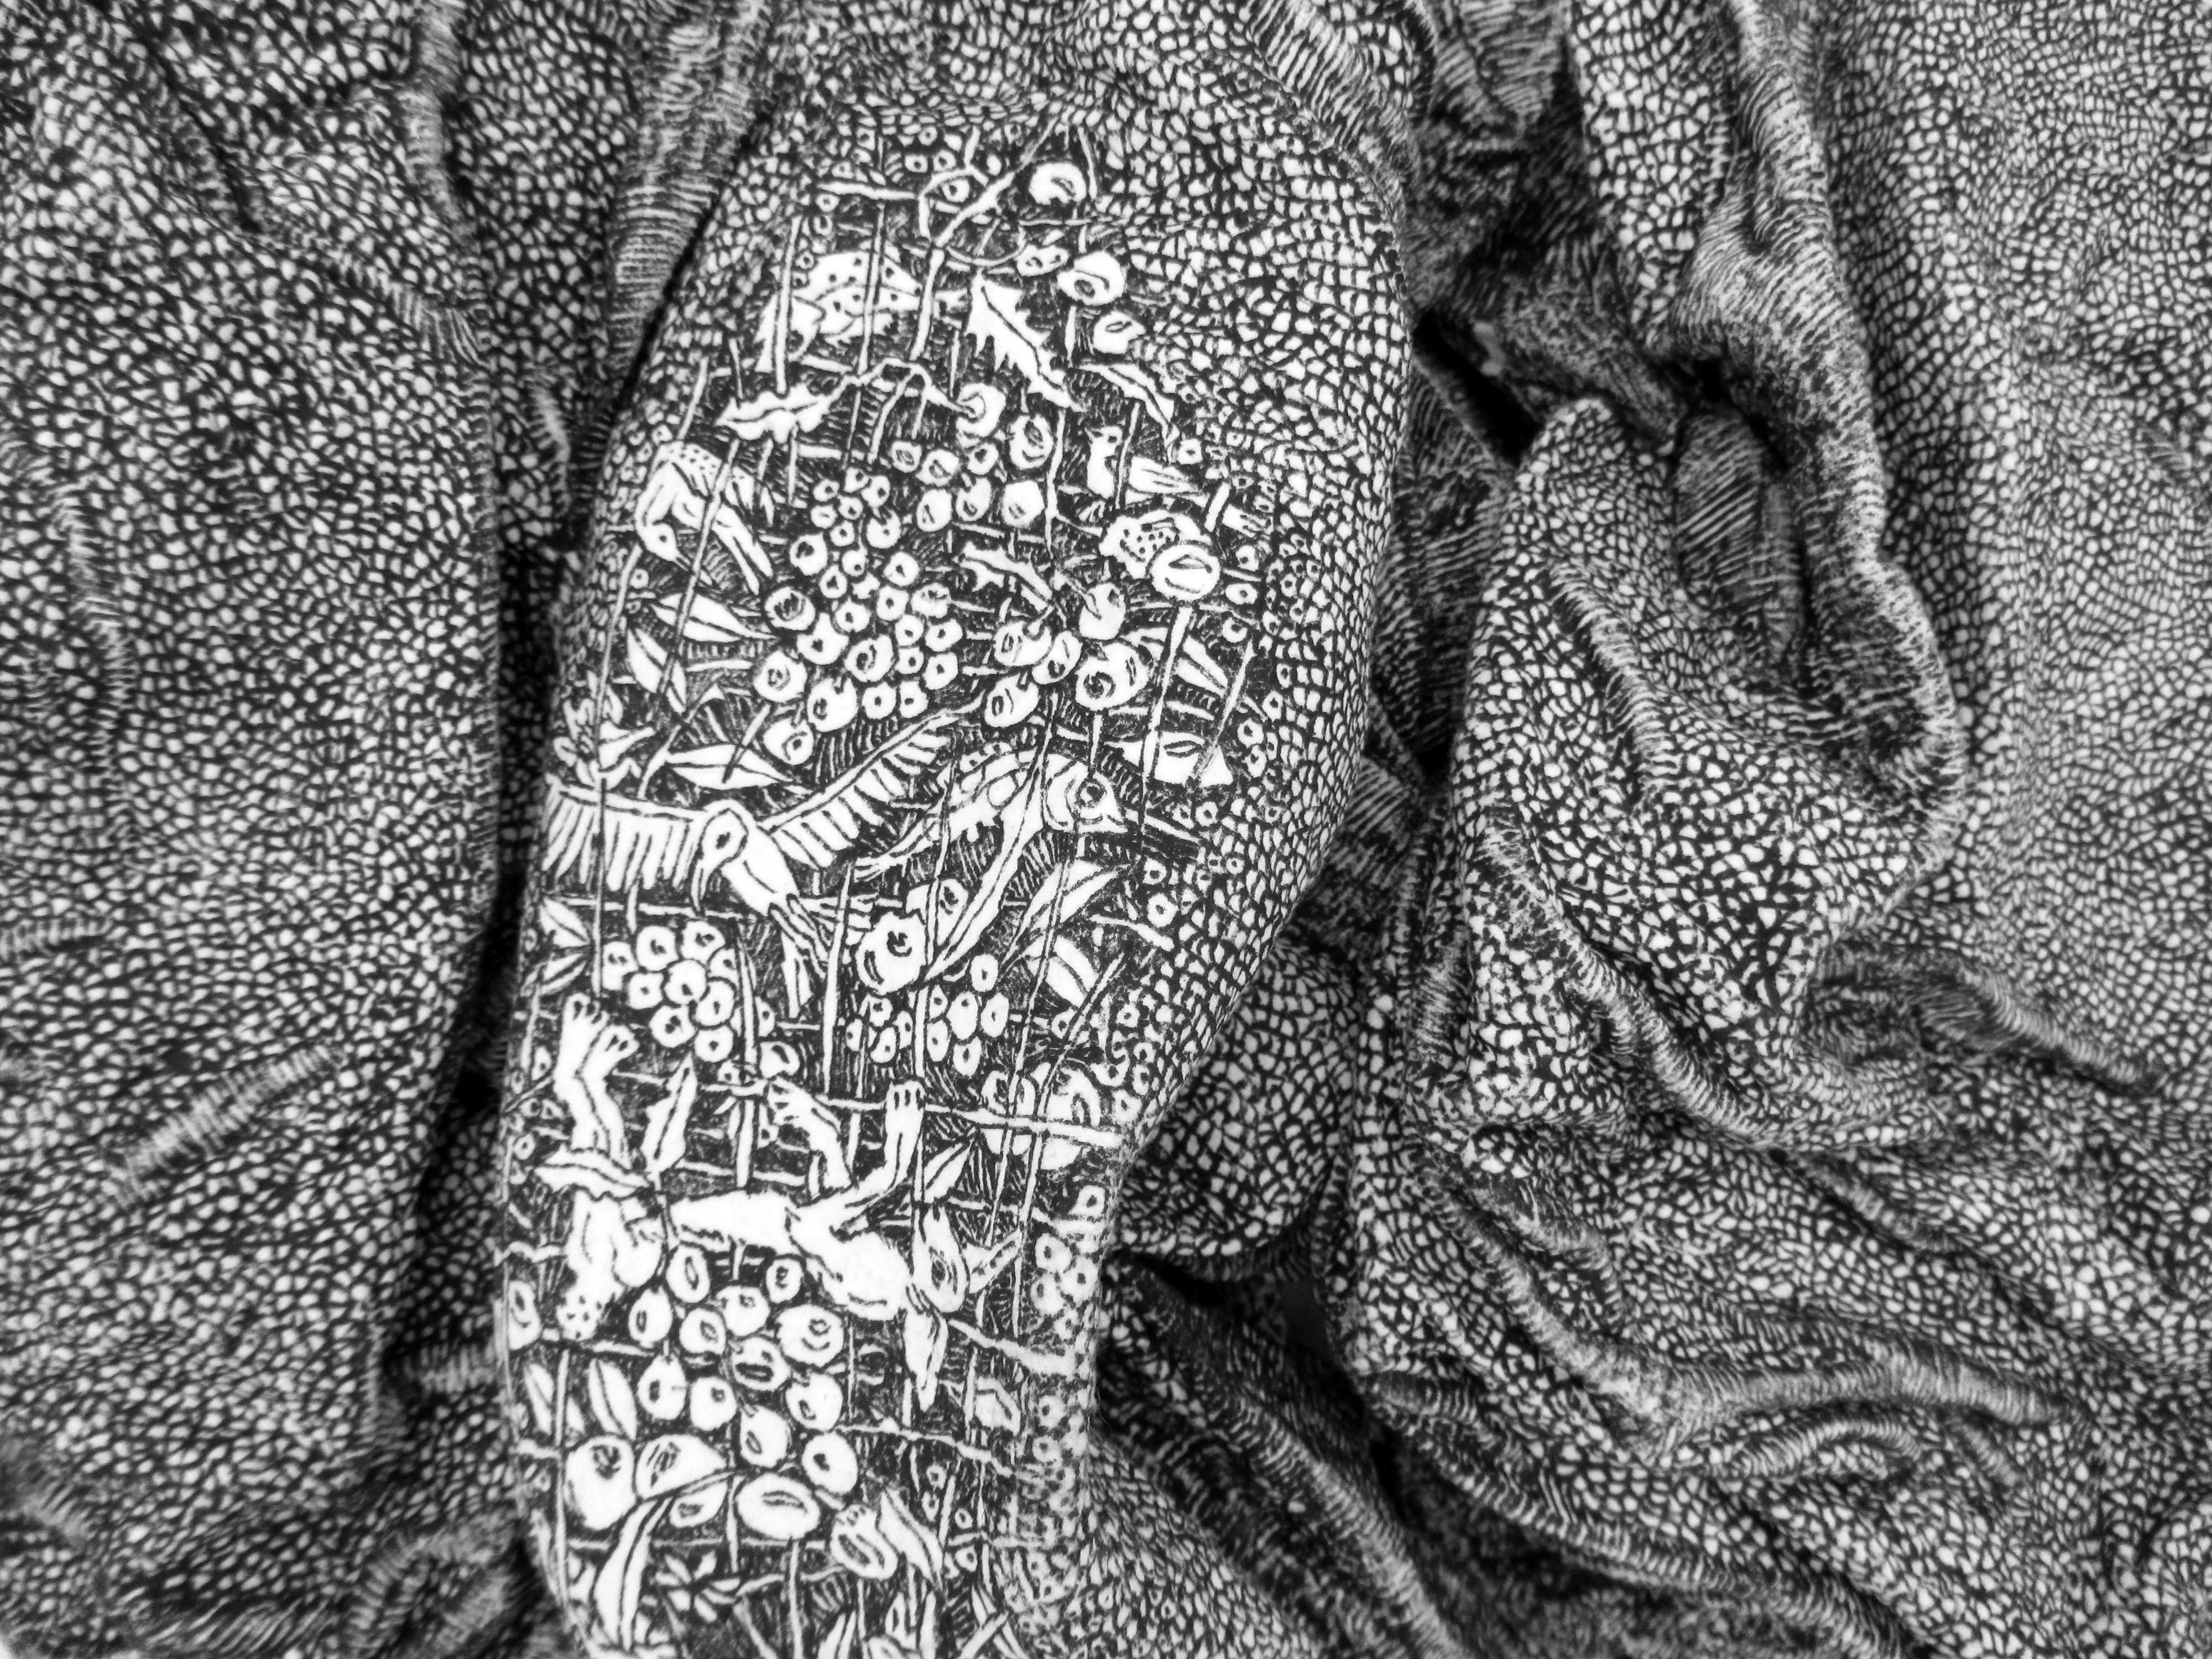 La pierre des tourments N°64,détail